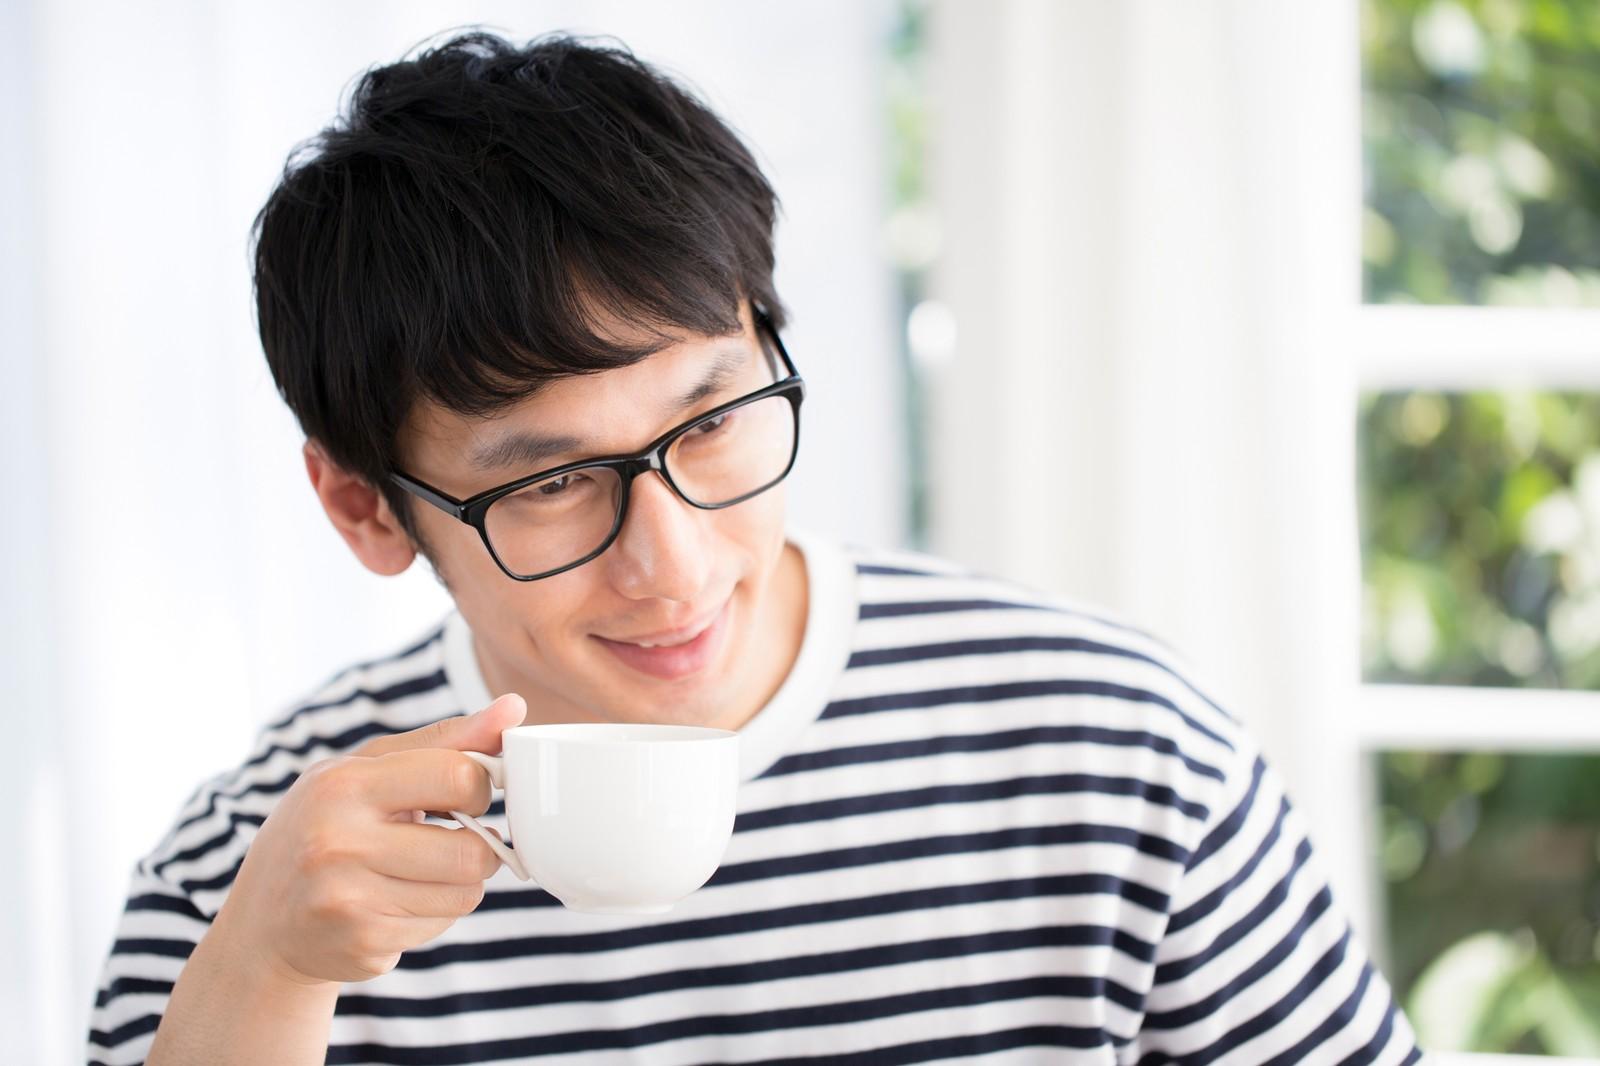 5%割引が基本!眼鏡市場のお得なクーポンの入手方法を教えます♪